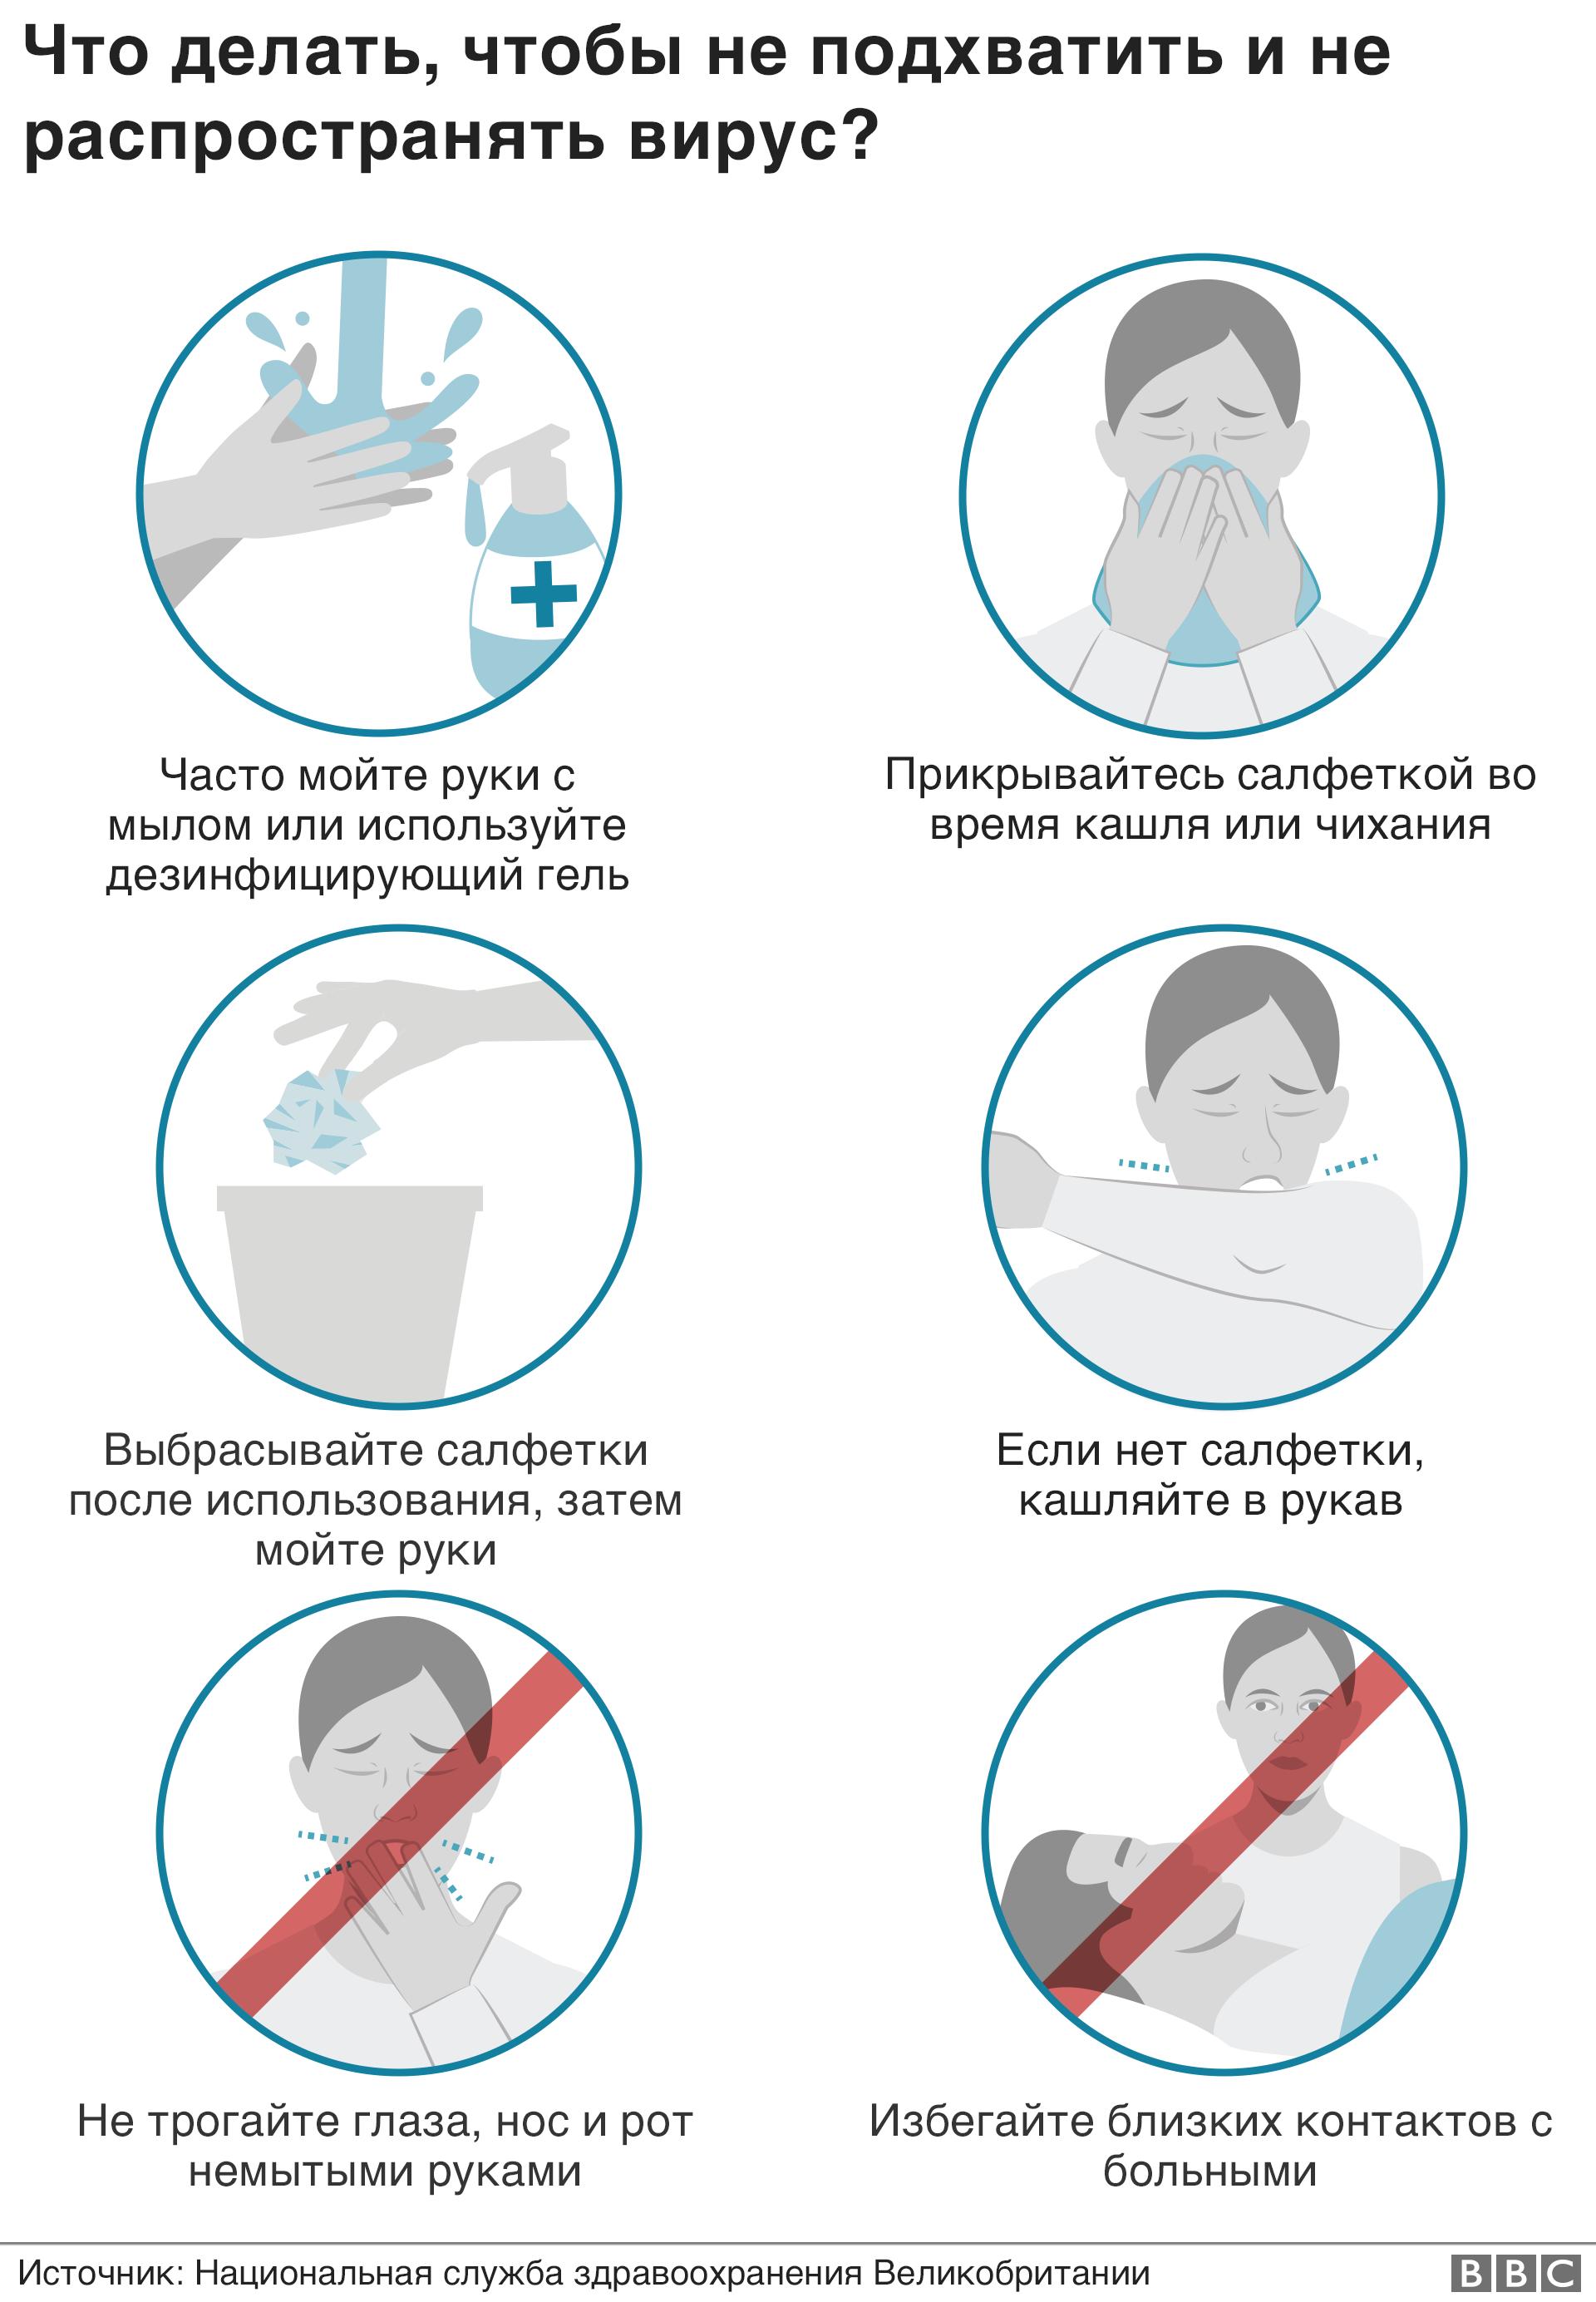 Что делать, чтобы не подхватить и не распространять вирус